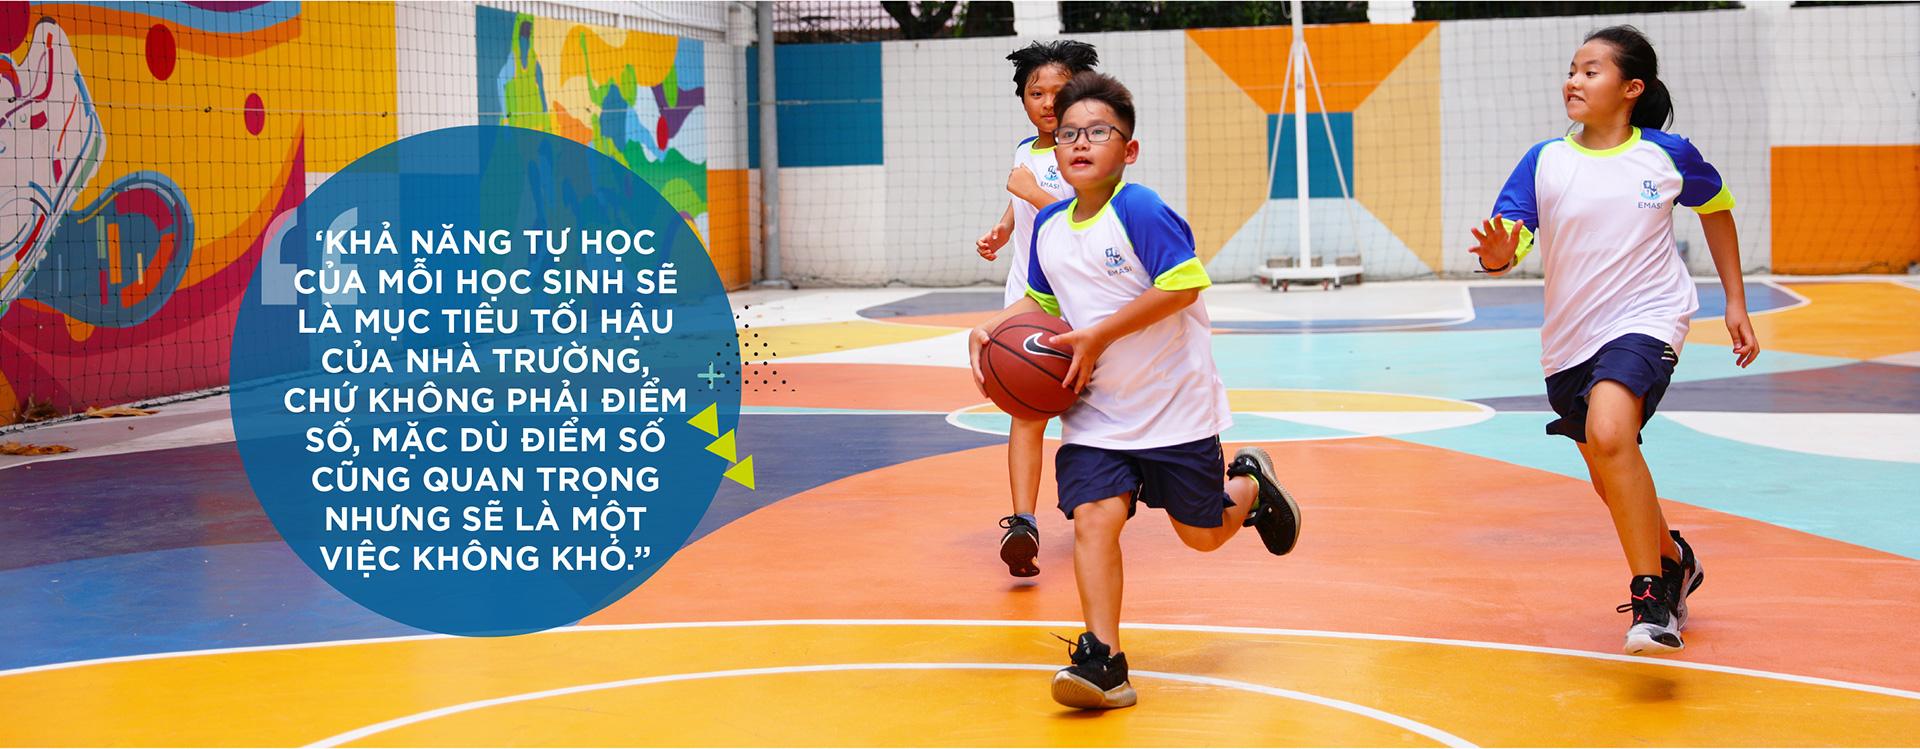 Hiểu về giáo dục: Nền tảng để xây dựng trường học - Ảnh 10.